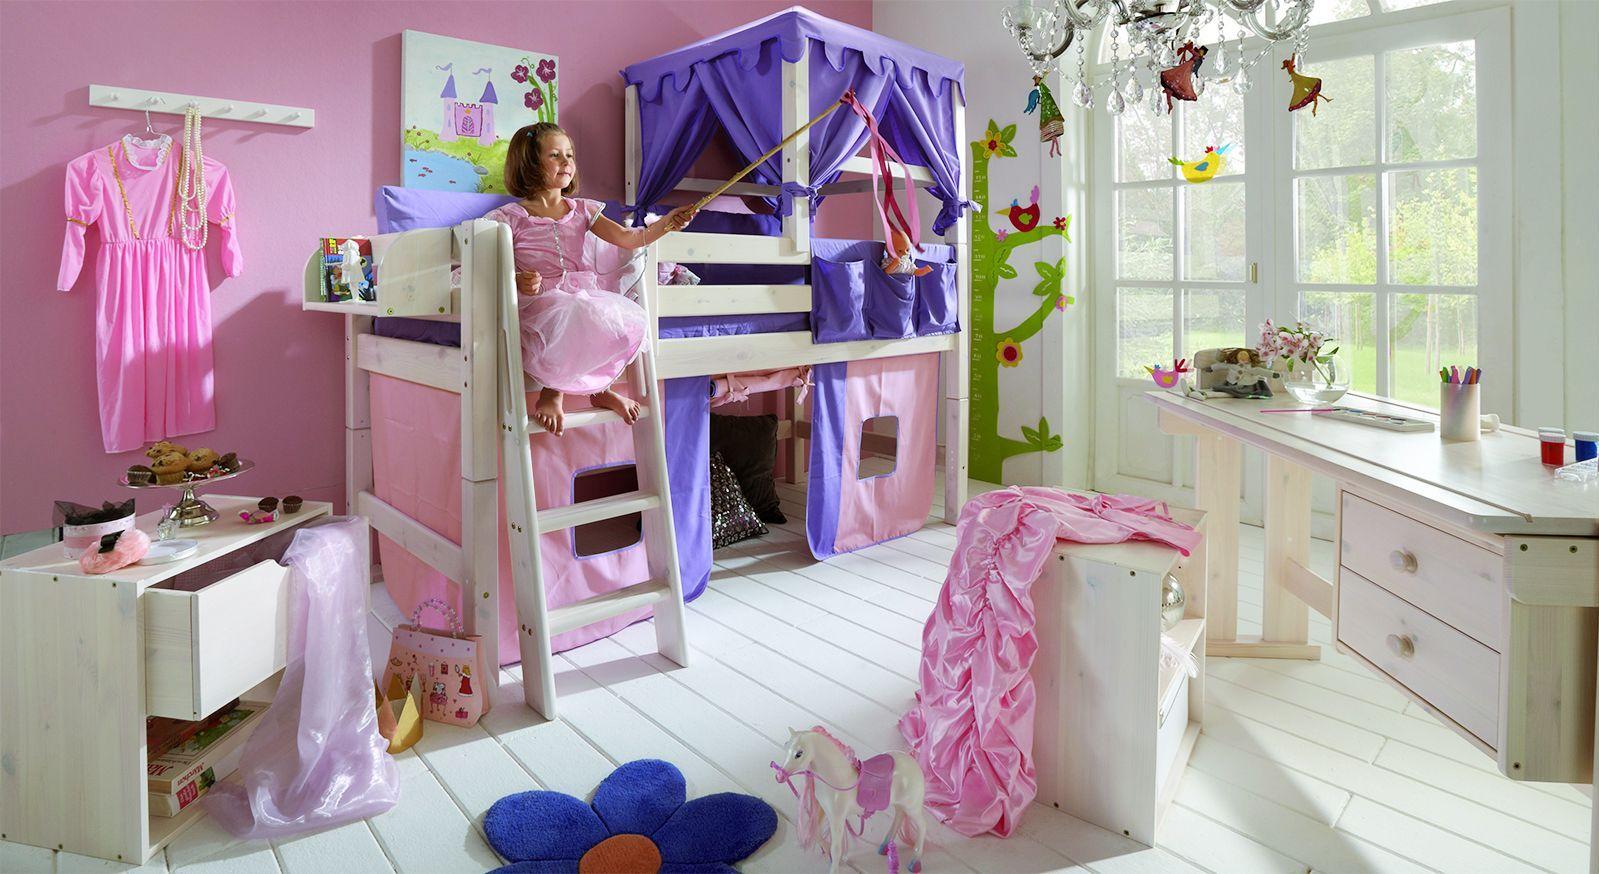 Etagenbett Zubehör Vorhänge : Prinzessin hochbett kids paradise in weiß inklusive vorhang